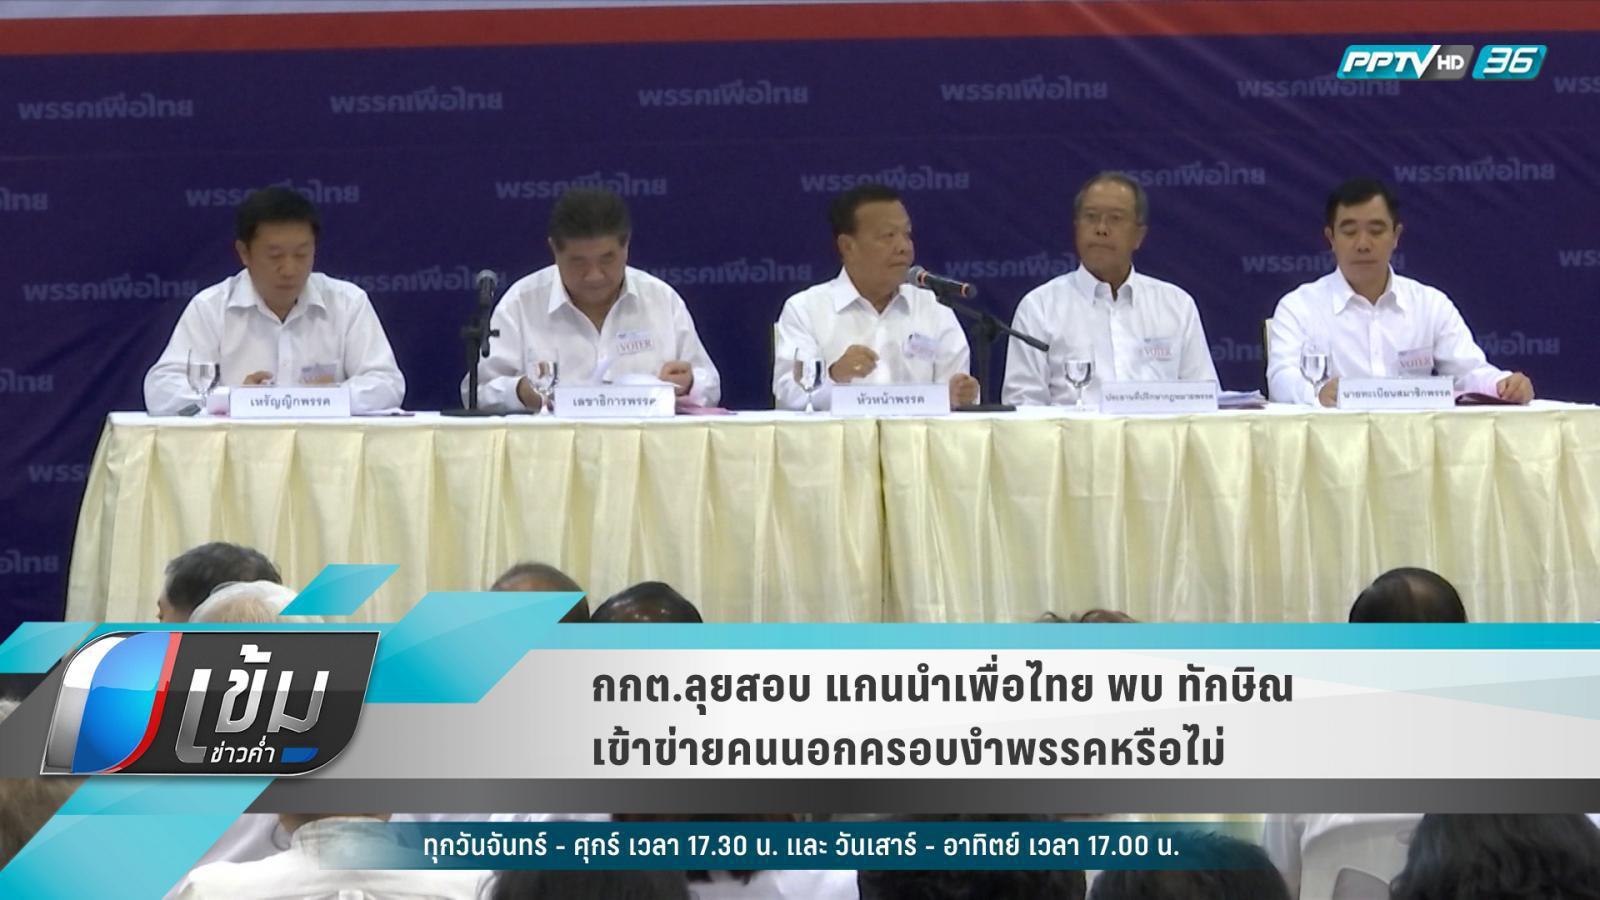 """กกต.ลุยสอบ แกนนำเพื่อไทยพบ""""ทักษิณ"""" เข้าข่ายคนนอกครอบงำพรรคหรือไม่"""